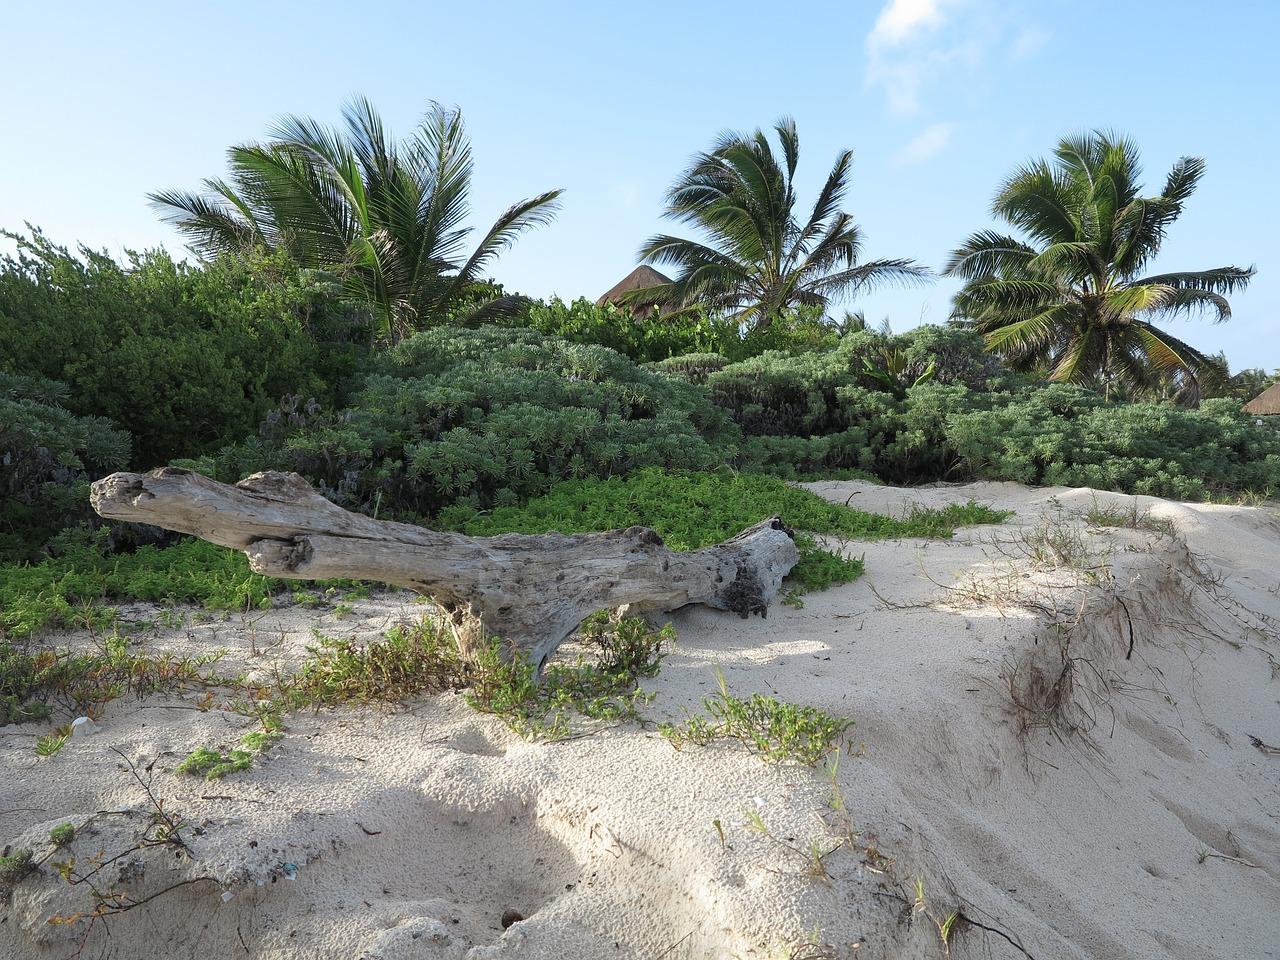 участок пляжи юкатана фото людей продолжается